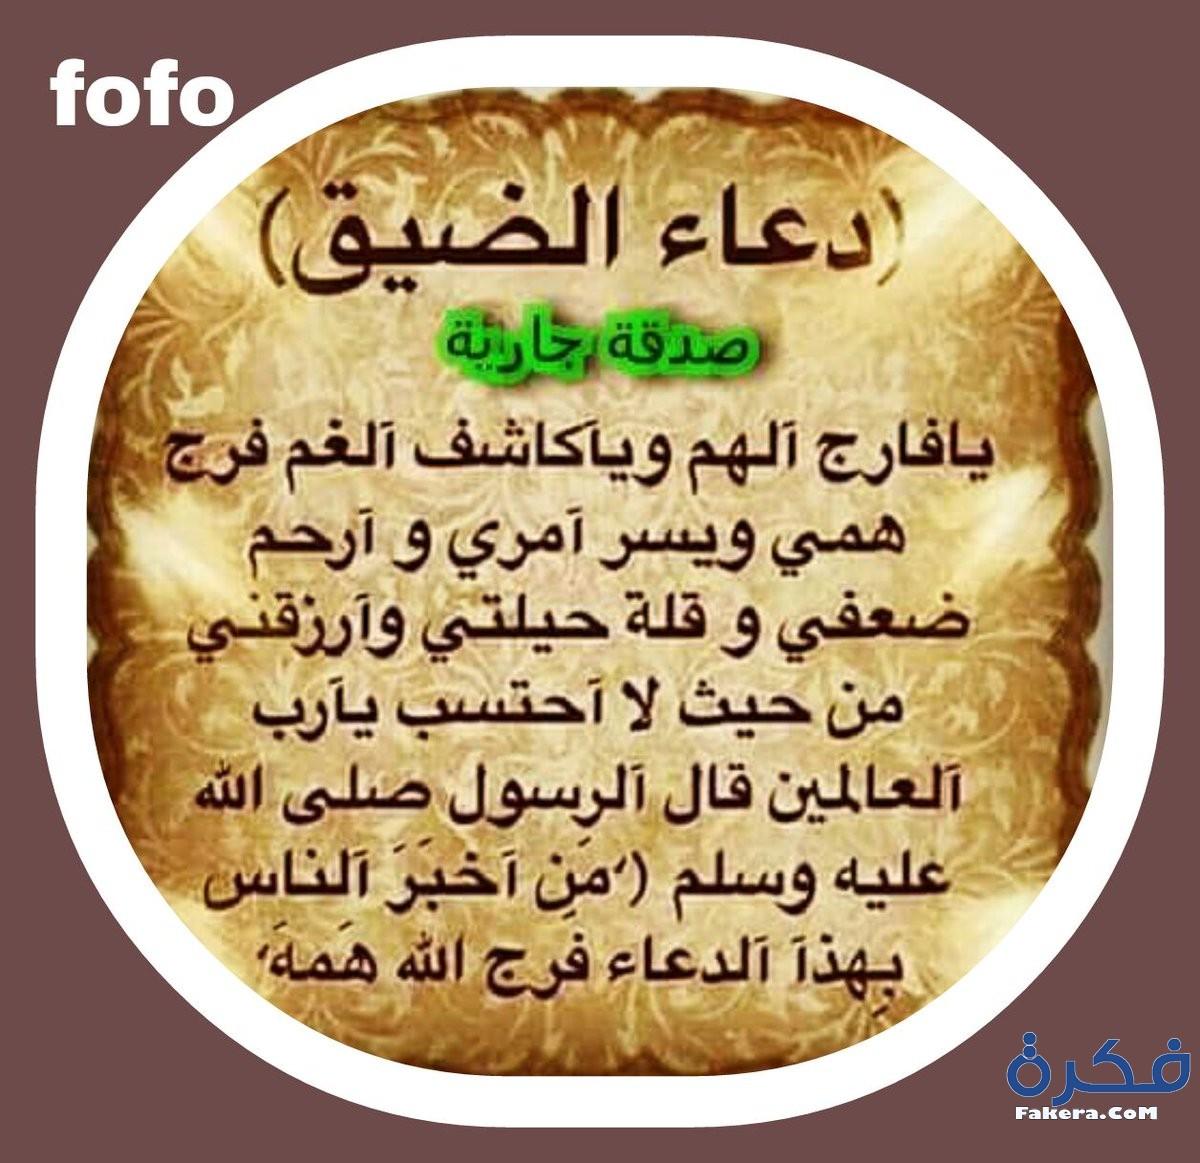 صوره ادعية اسلامية , اجمل الادعيه الاسلاميه